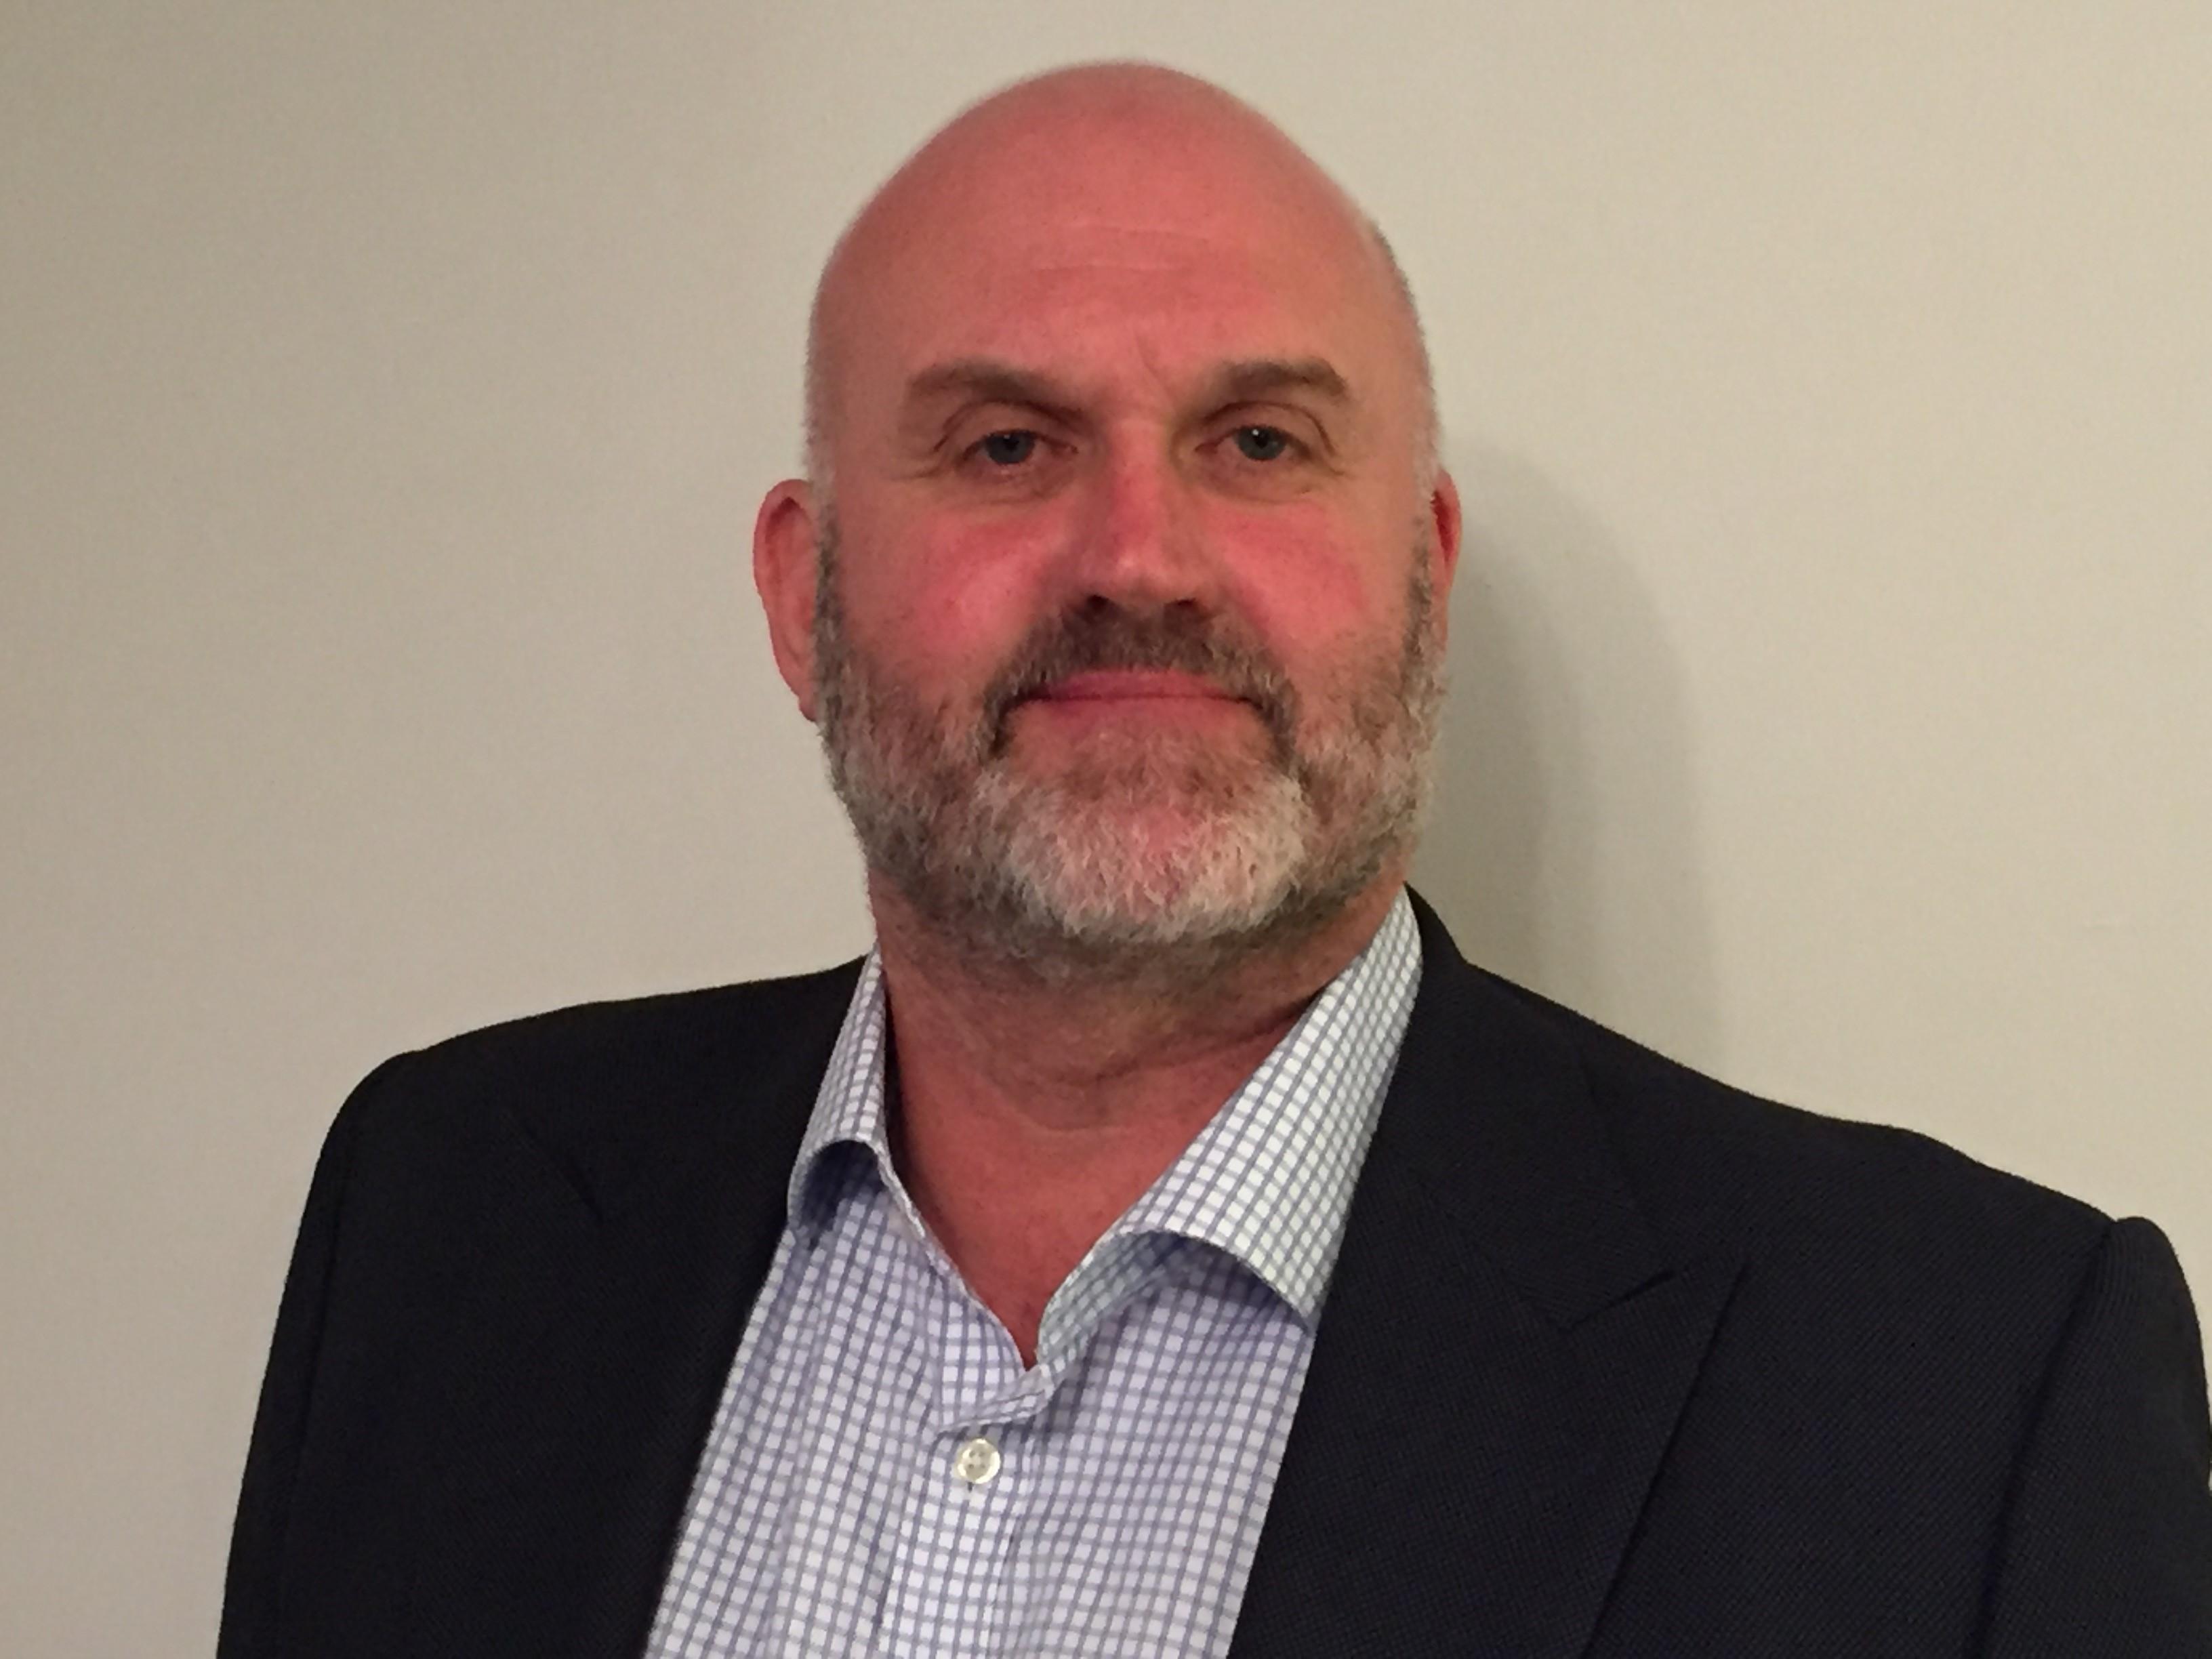 Image of Mark Gibbison - Global VP of Public Services